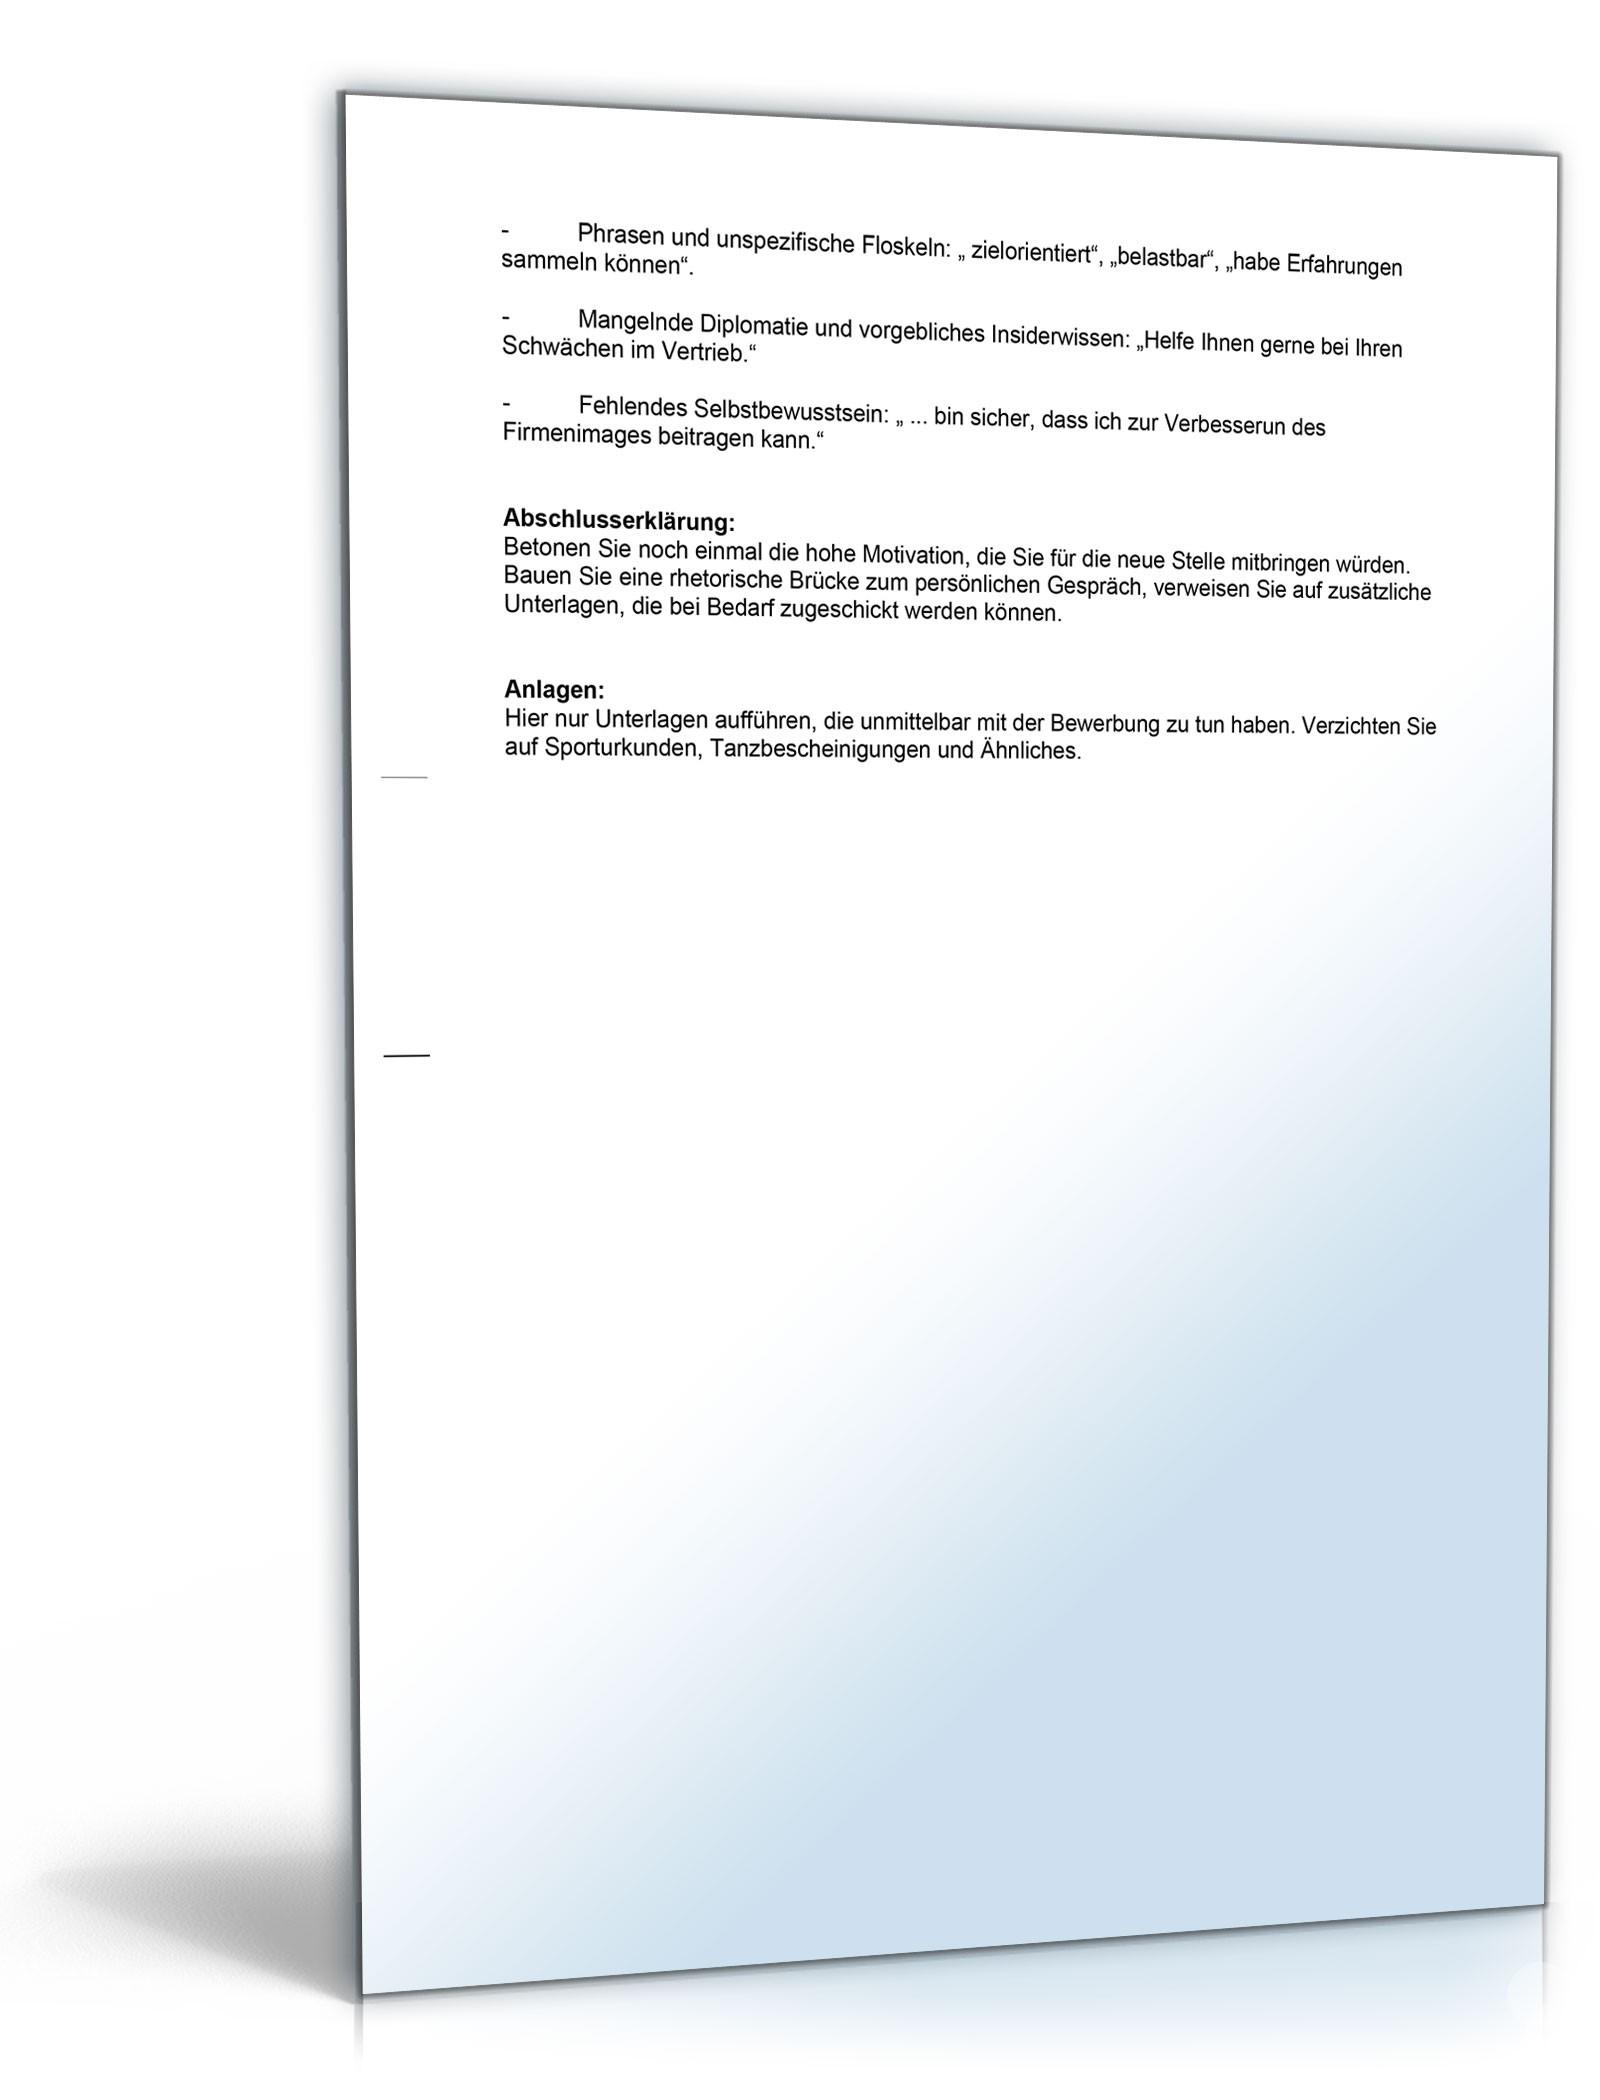 Fein Beispiel Einzelhandel Fortsetzen Galerie - Entry Level Resume ...